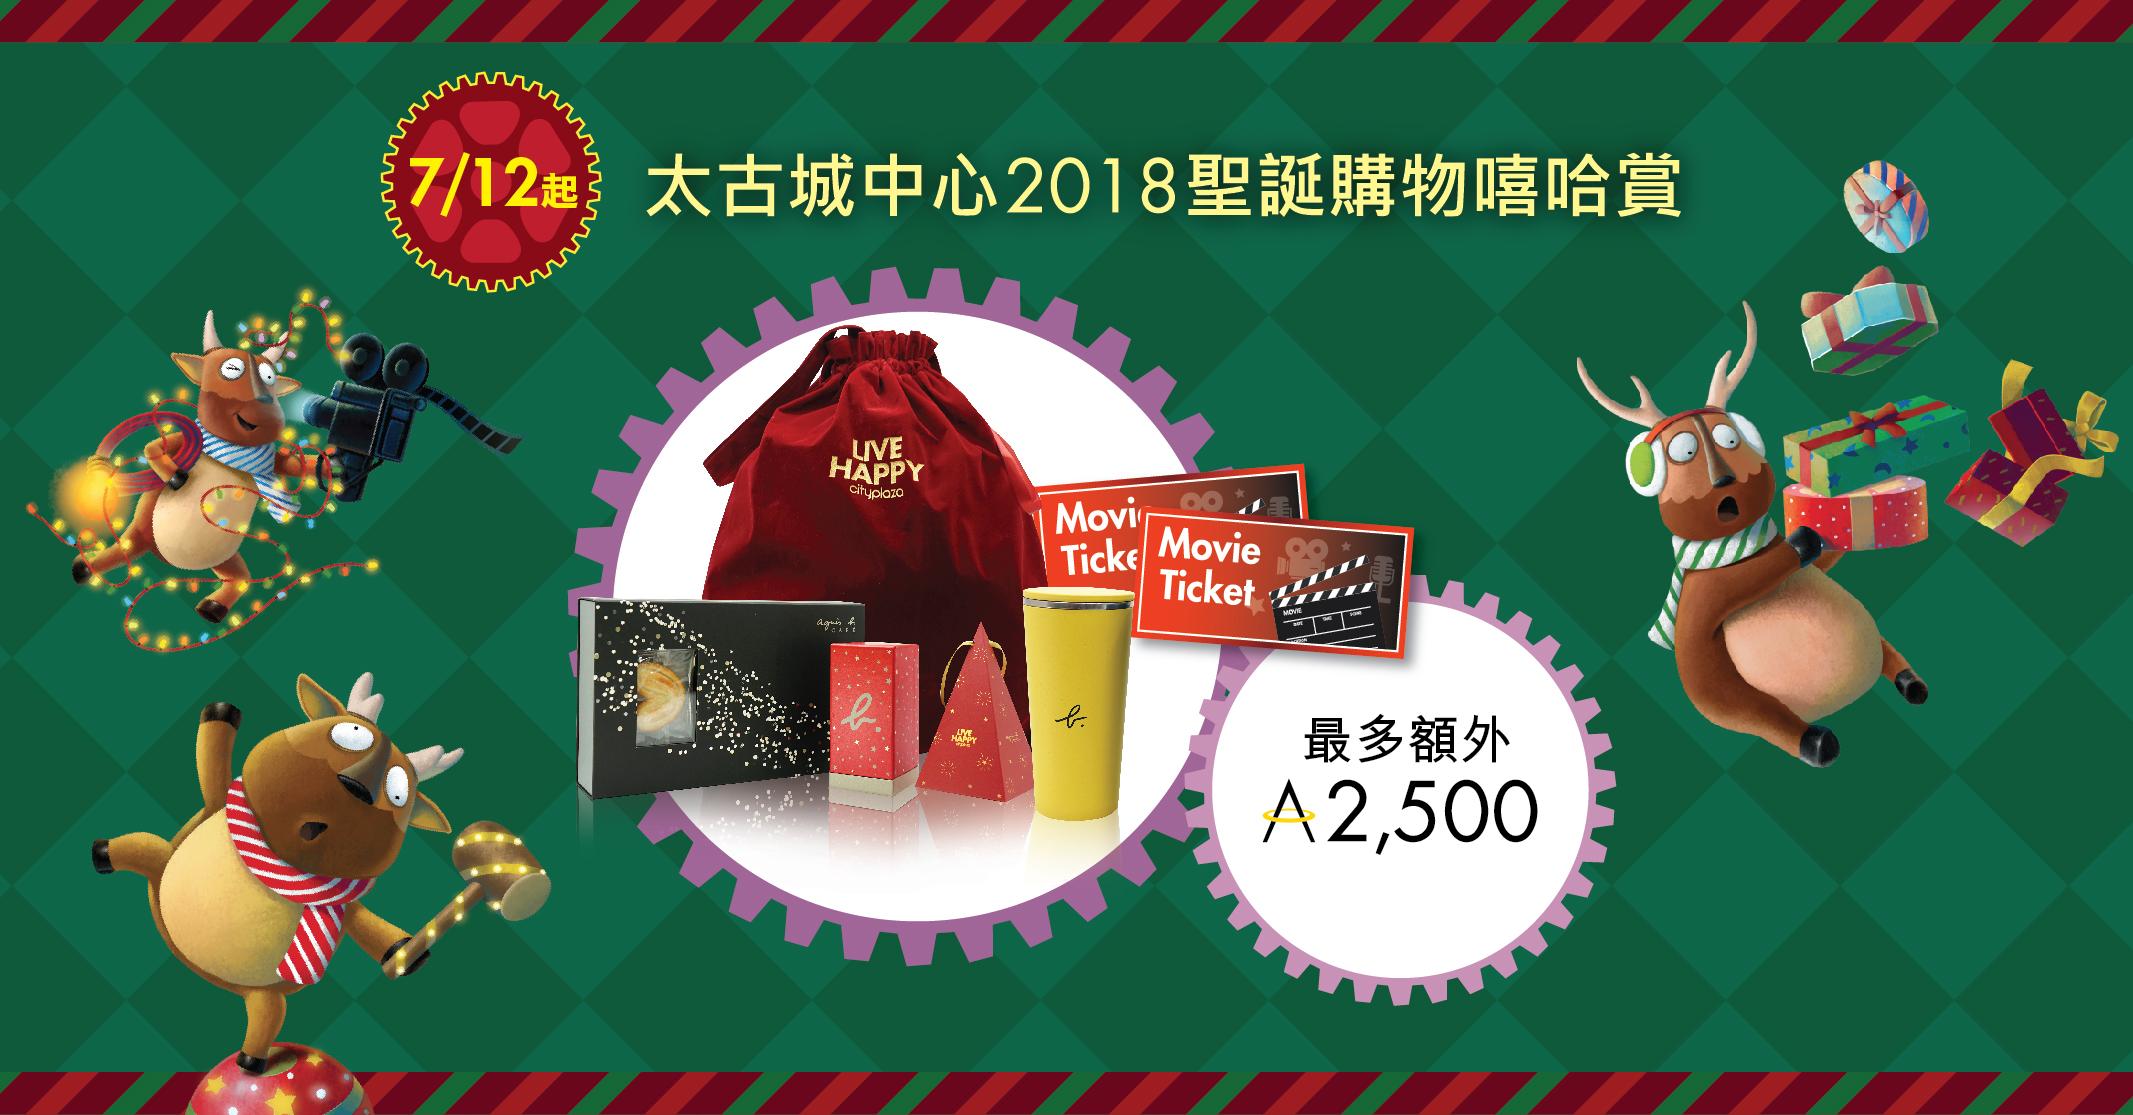 去Cityplaza Hong Kong太古城中心買聖誕禮物賺里數兼抽獎!12月7日至12月26日期間簽$8,000最高可獲額外2,500「亞洲萬里數」里數+ 參加500,000里數大抽獎